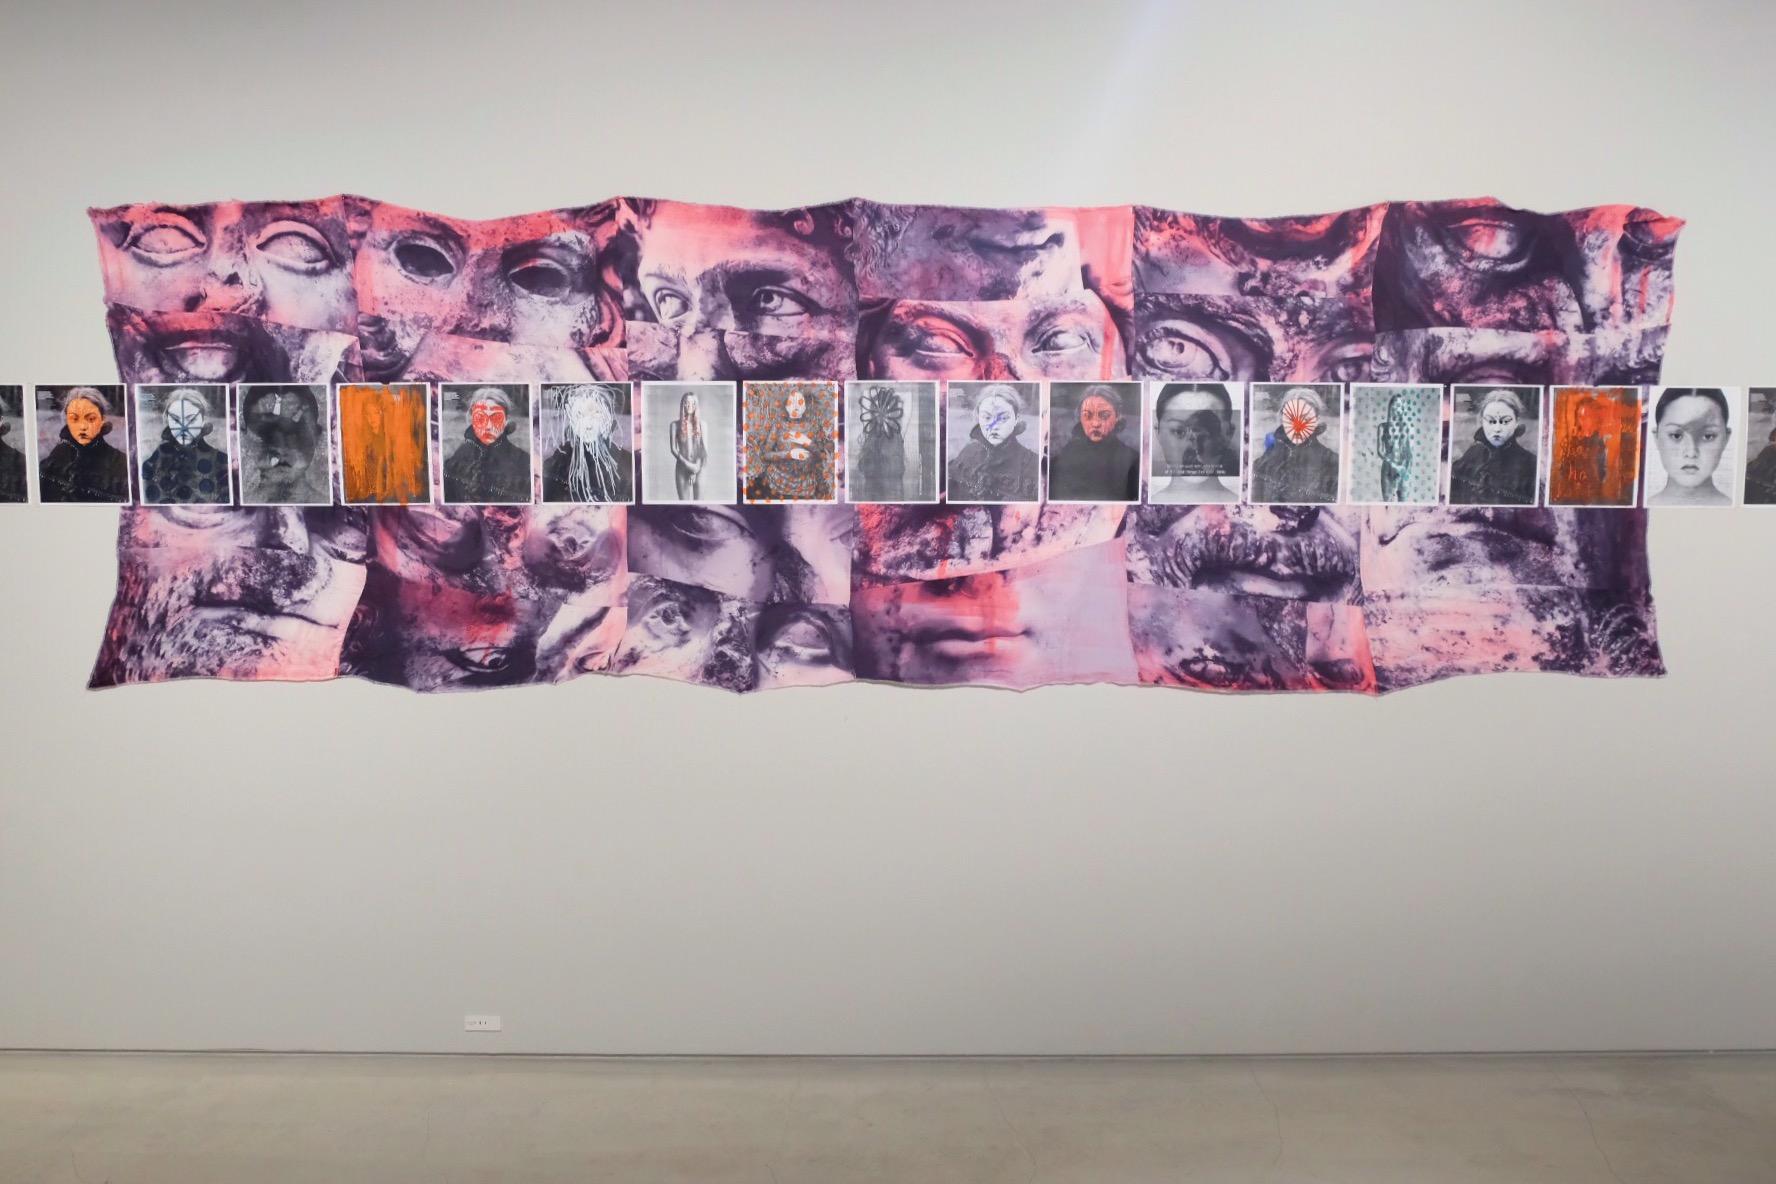 ウォーホルから新進気鋭作家まで、豪華なラインナップの社会派展示『Defacement』